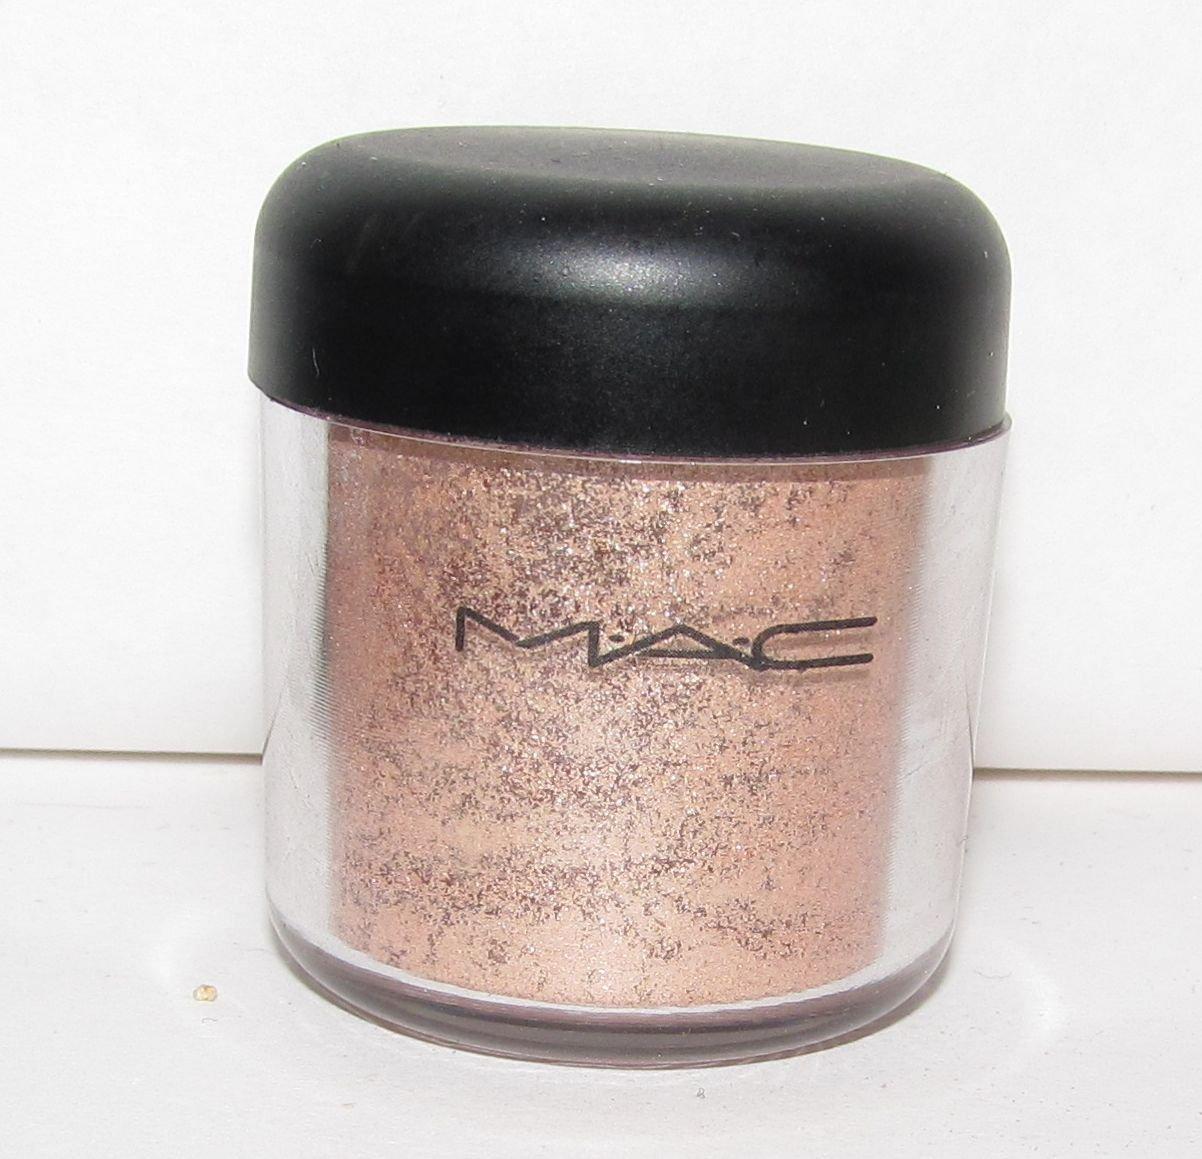 MAC Pigment Sample - Jardin Aires 1/4 tsp Sample in Original Jar